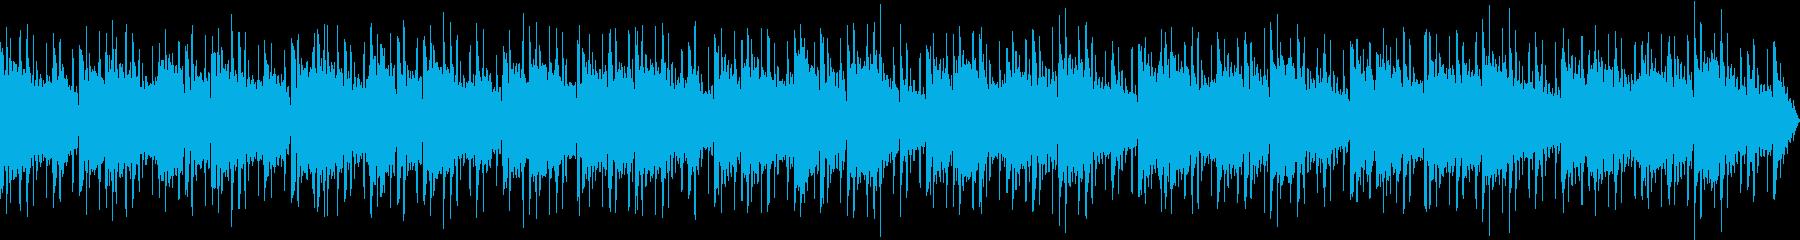 【主張しない背景音楽】穏やか1【ループ】の再生済みの波形